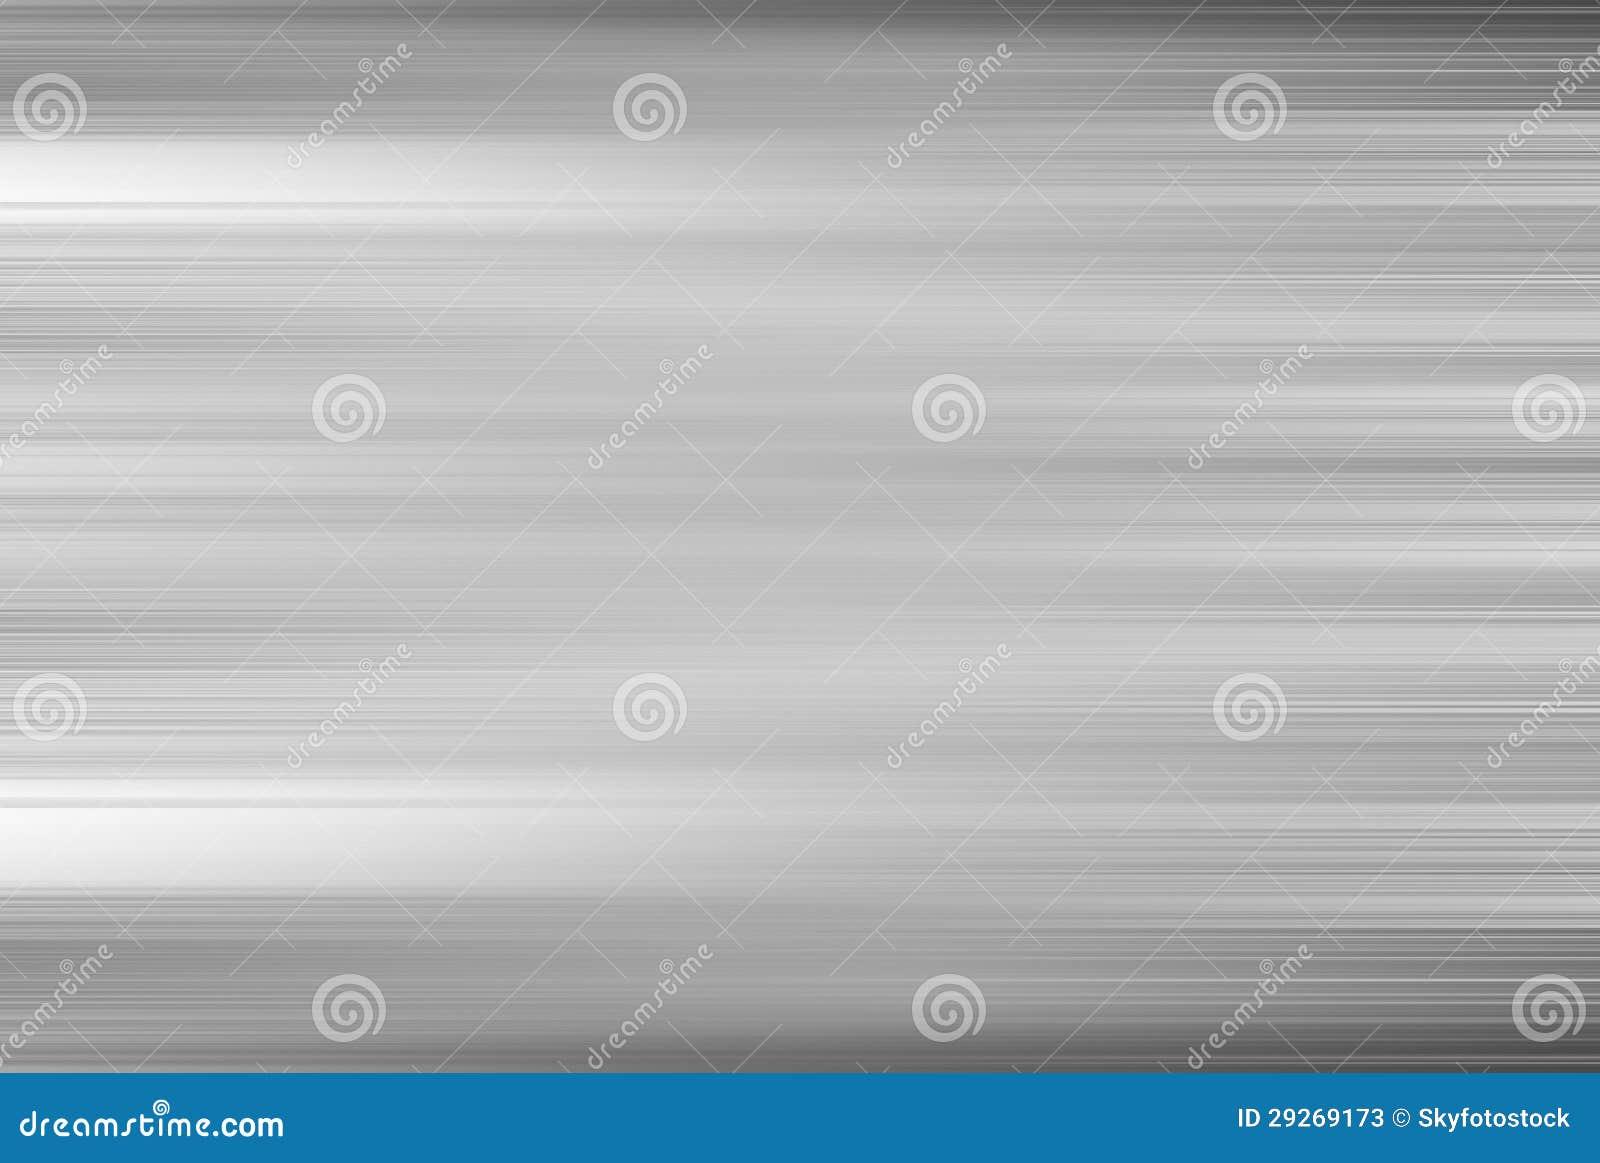 gradiente gris fondo de - photo #41